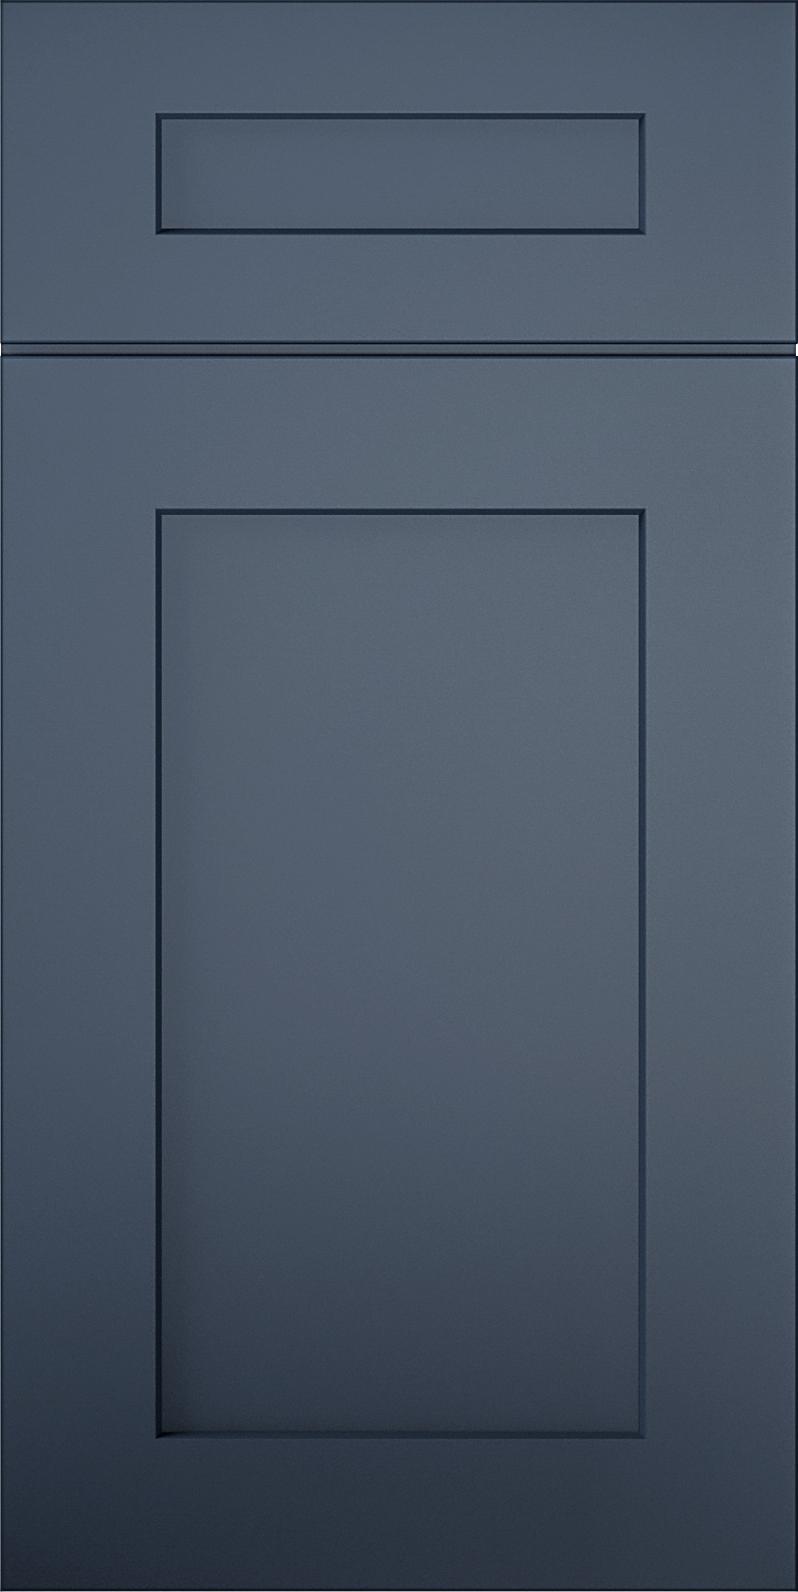 Aria Blue Shaker Cabinet Door